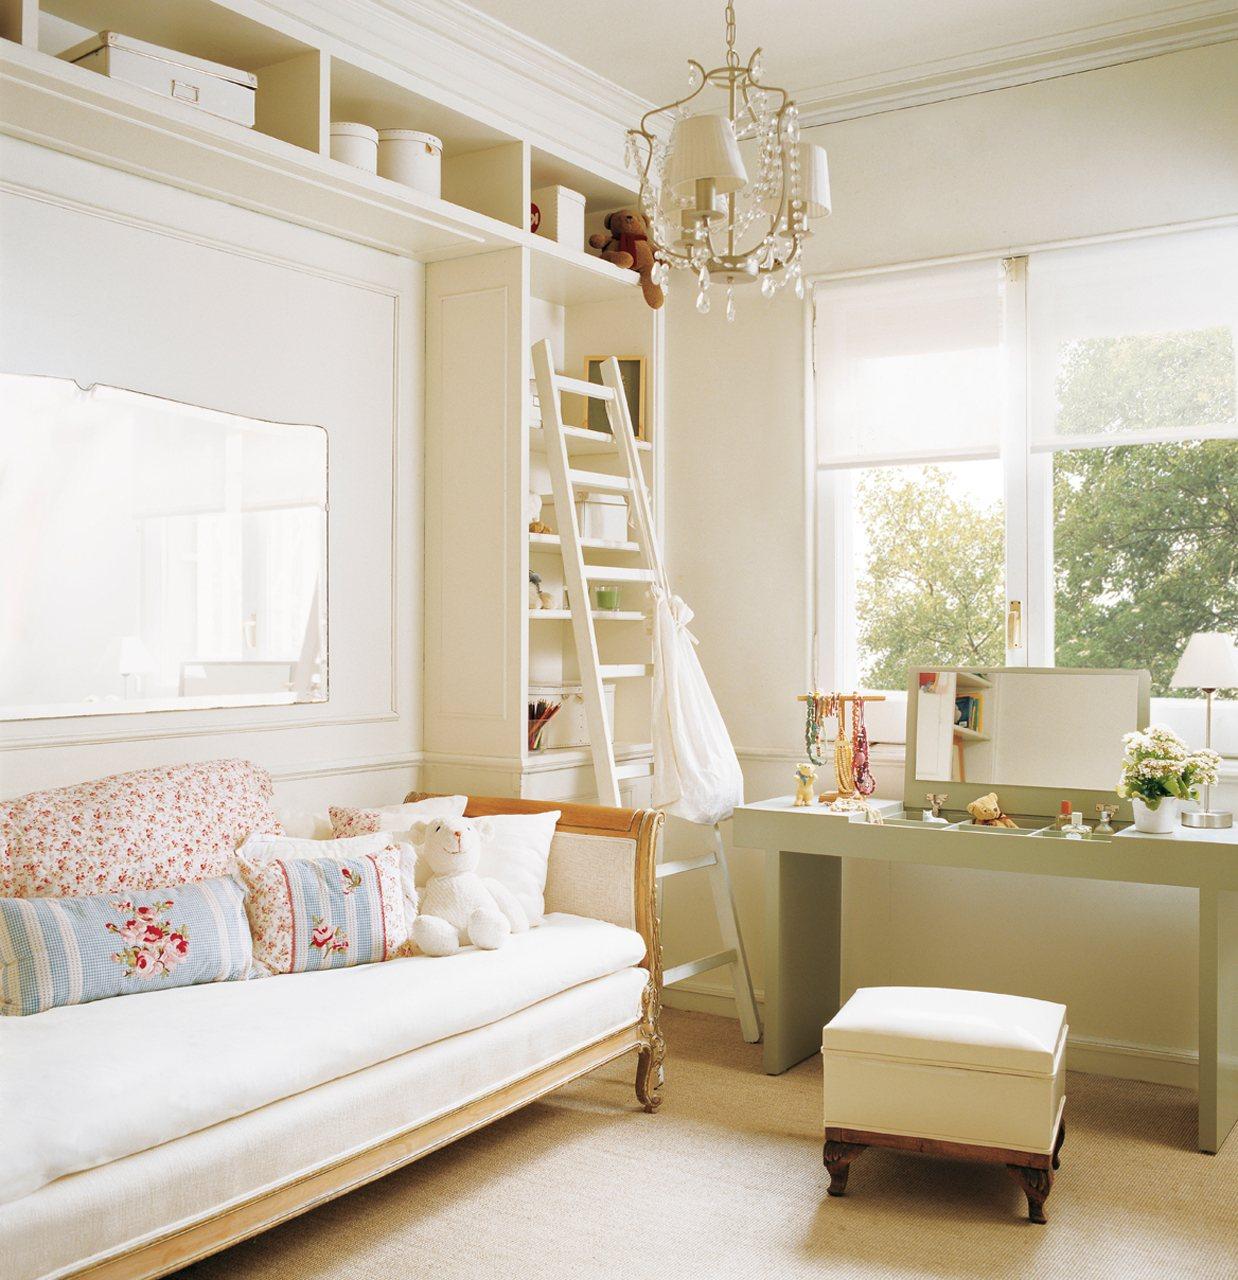 Habitaciones infantiles sanas y ecol gicas - El mueble habitaciones infantiles ...